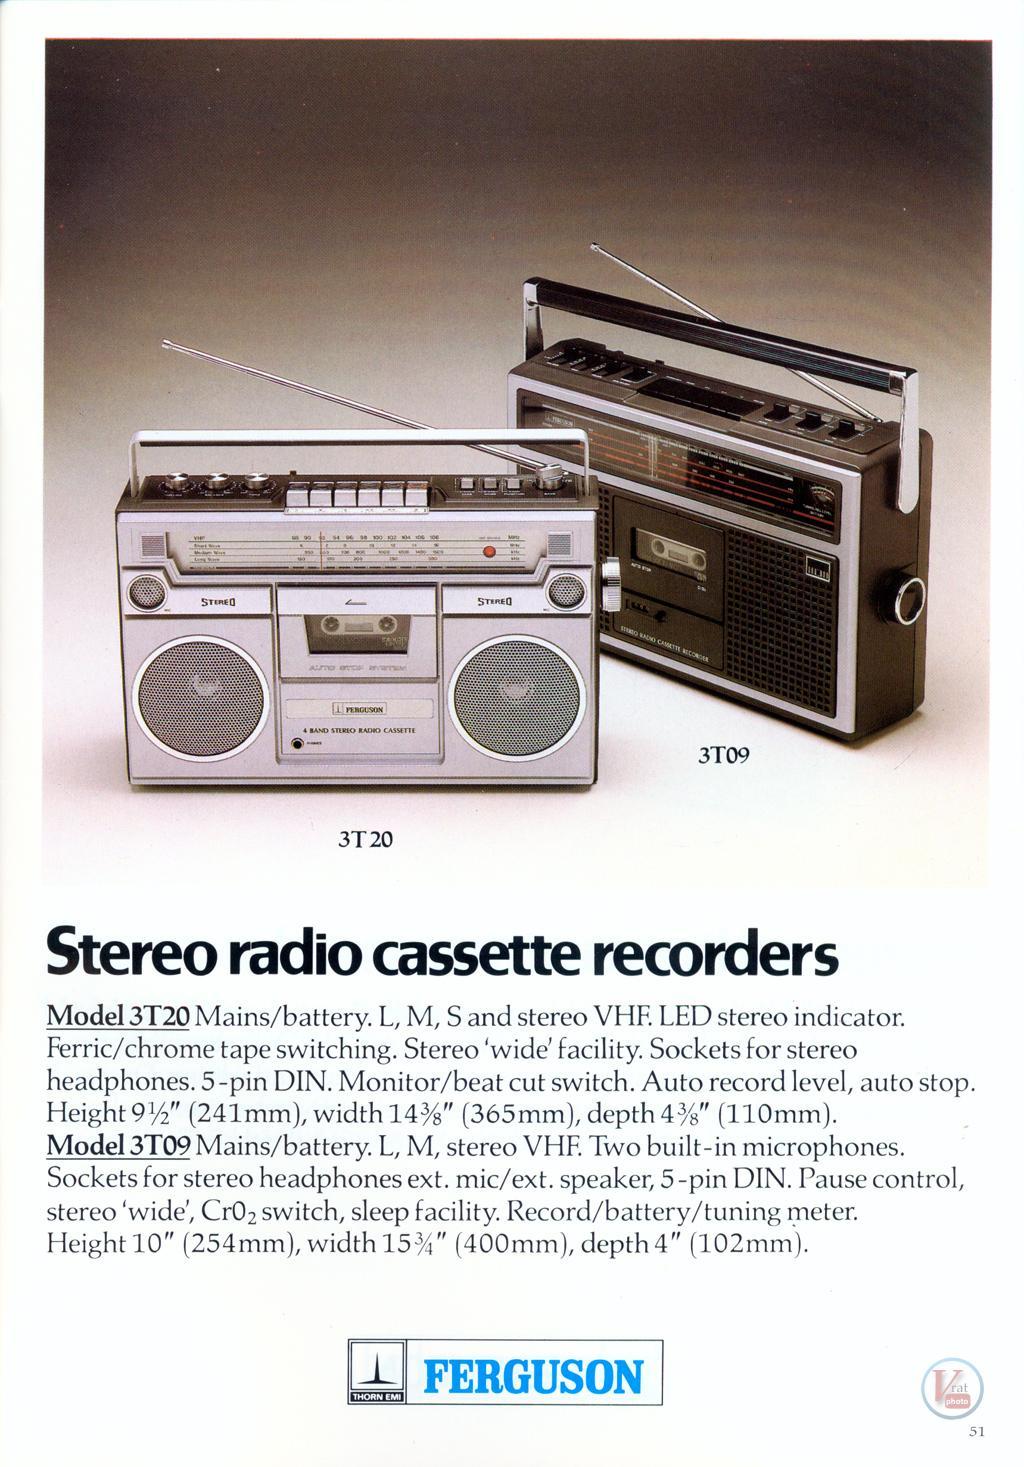 Ferguson Cassette 26